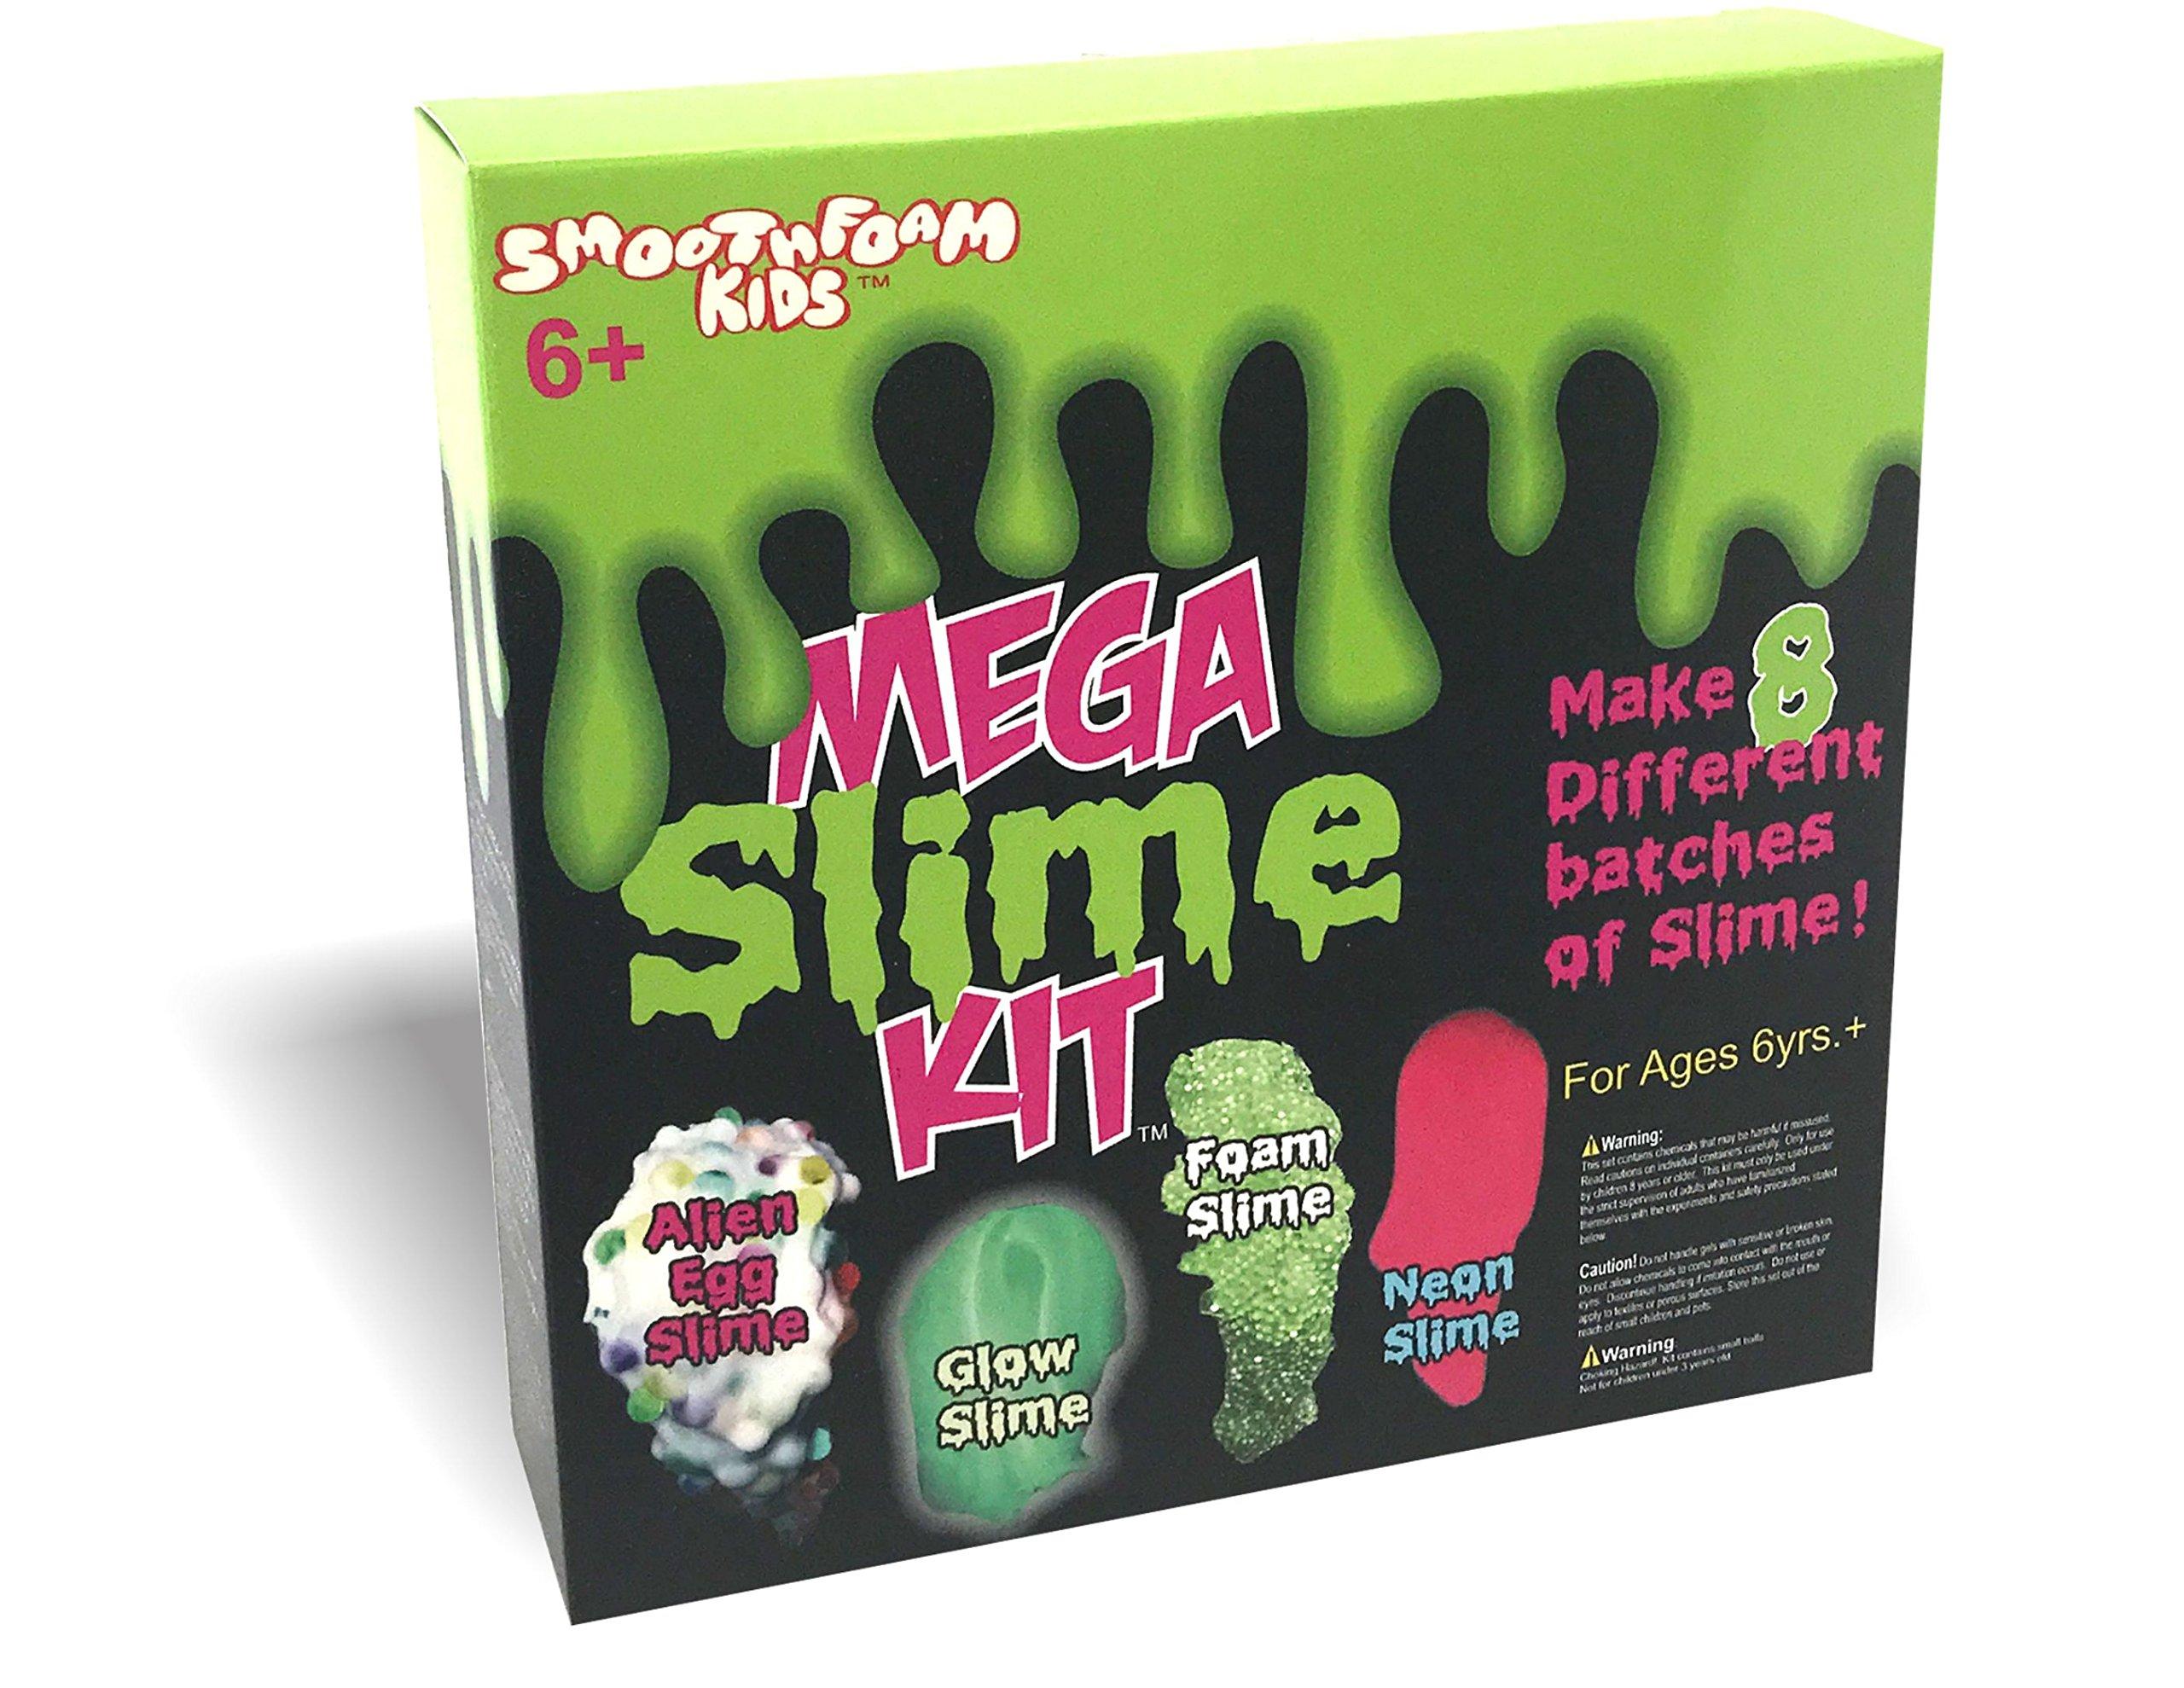 Smoothfoam Kids - Mega Slime Kit - Make Glow Slime - Neon Slime - Crunchy Slime - Alien Slime